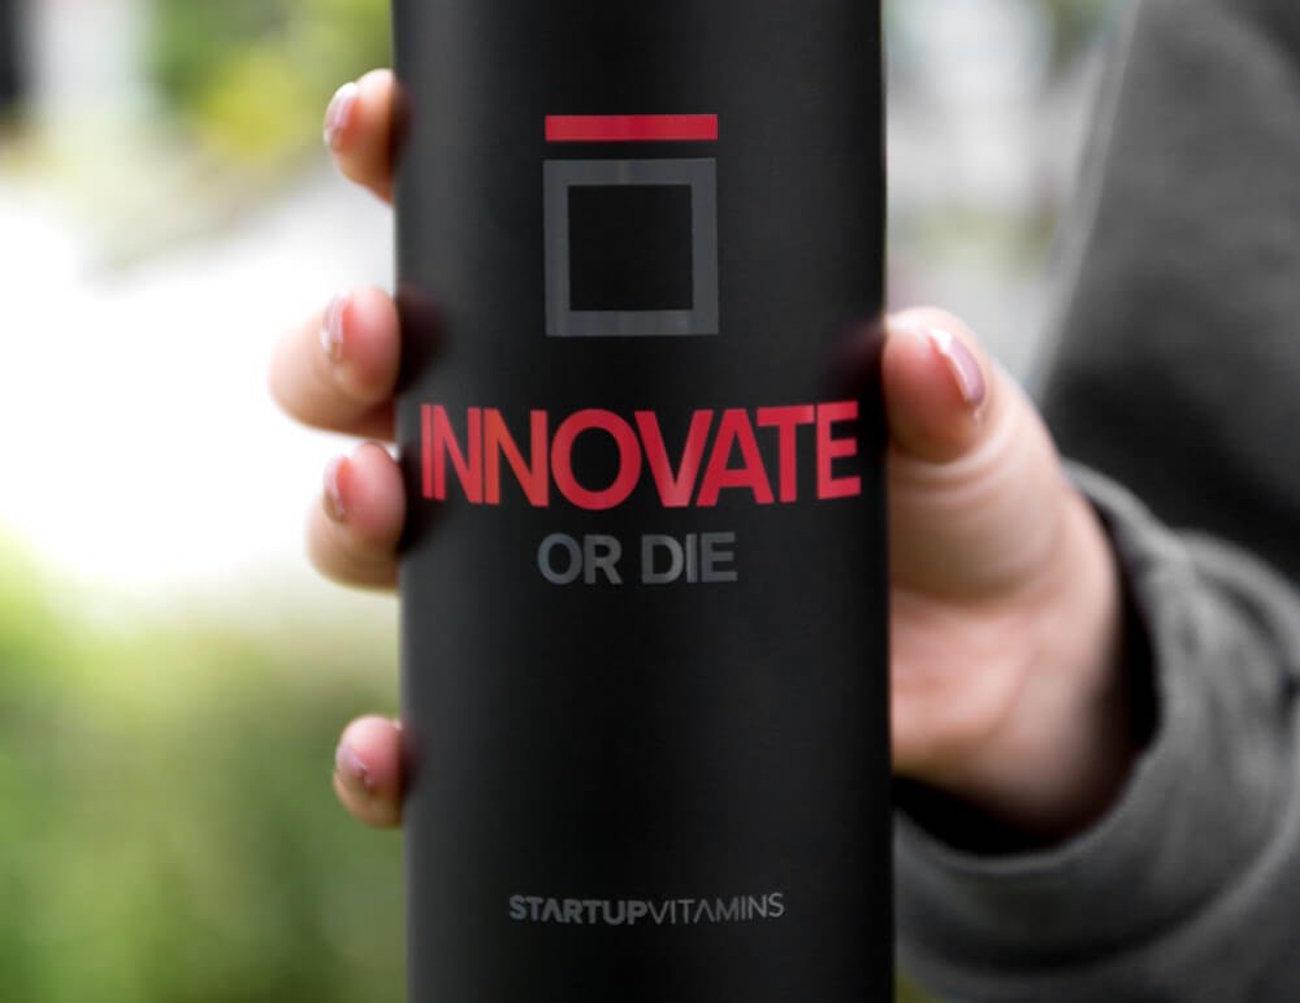 Innovate or die